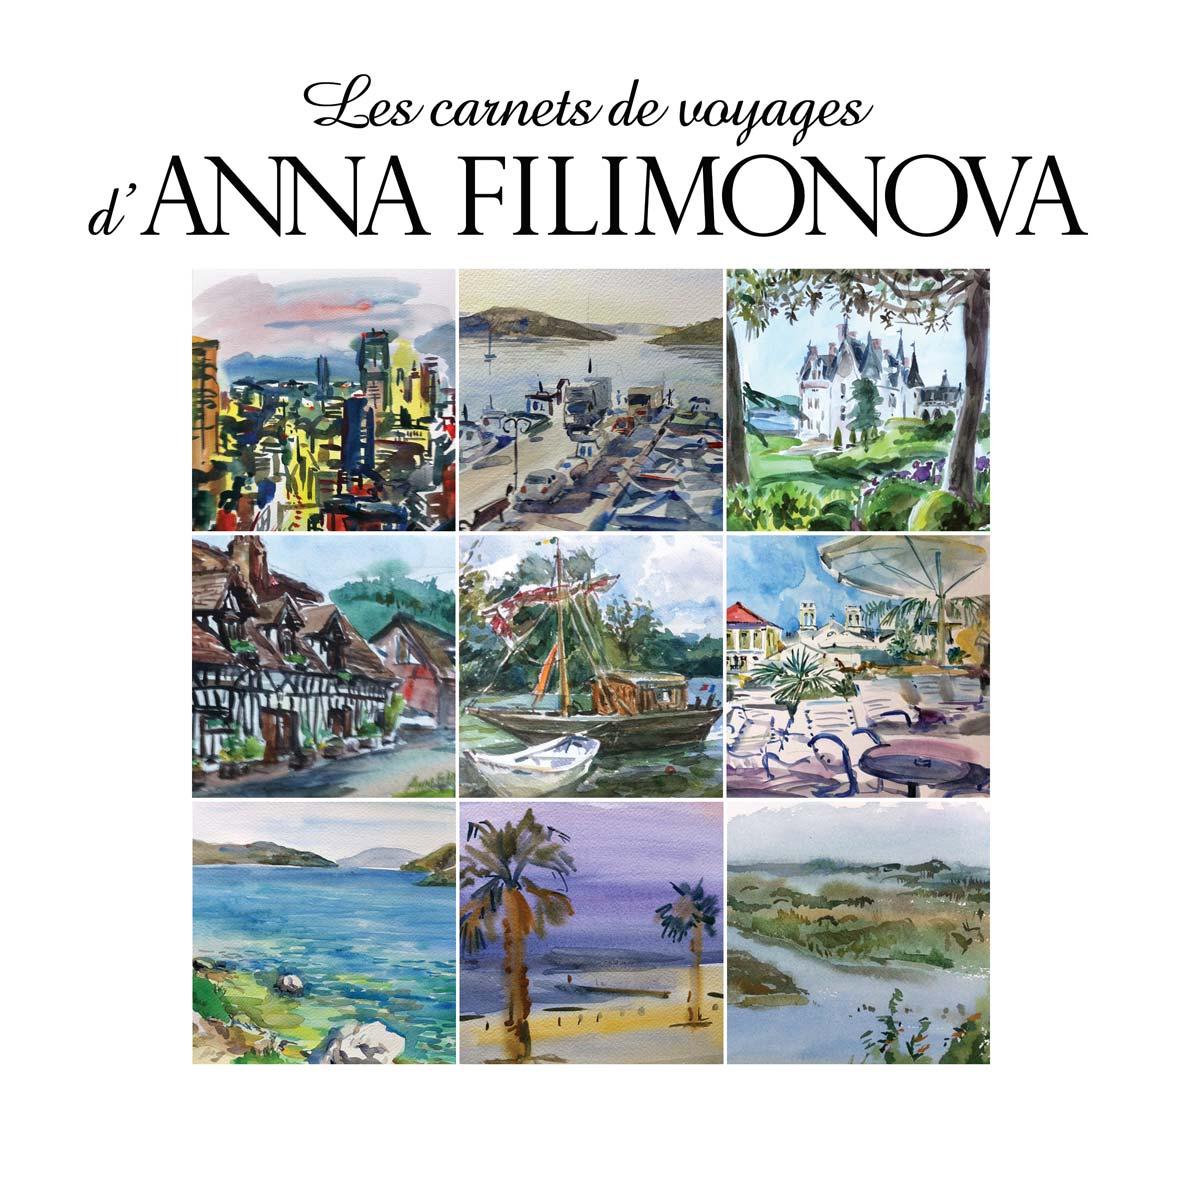 Anna Filimonova – «Les carnets de voyages»  15 decembre 2015 – 9 janvier 2016